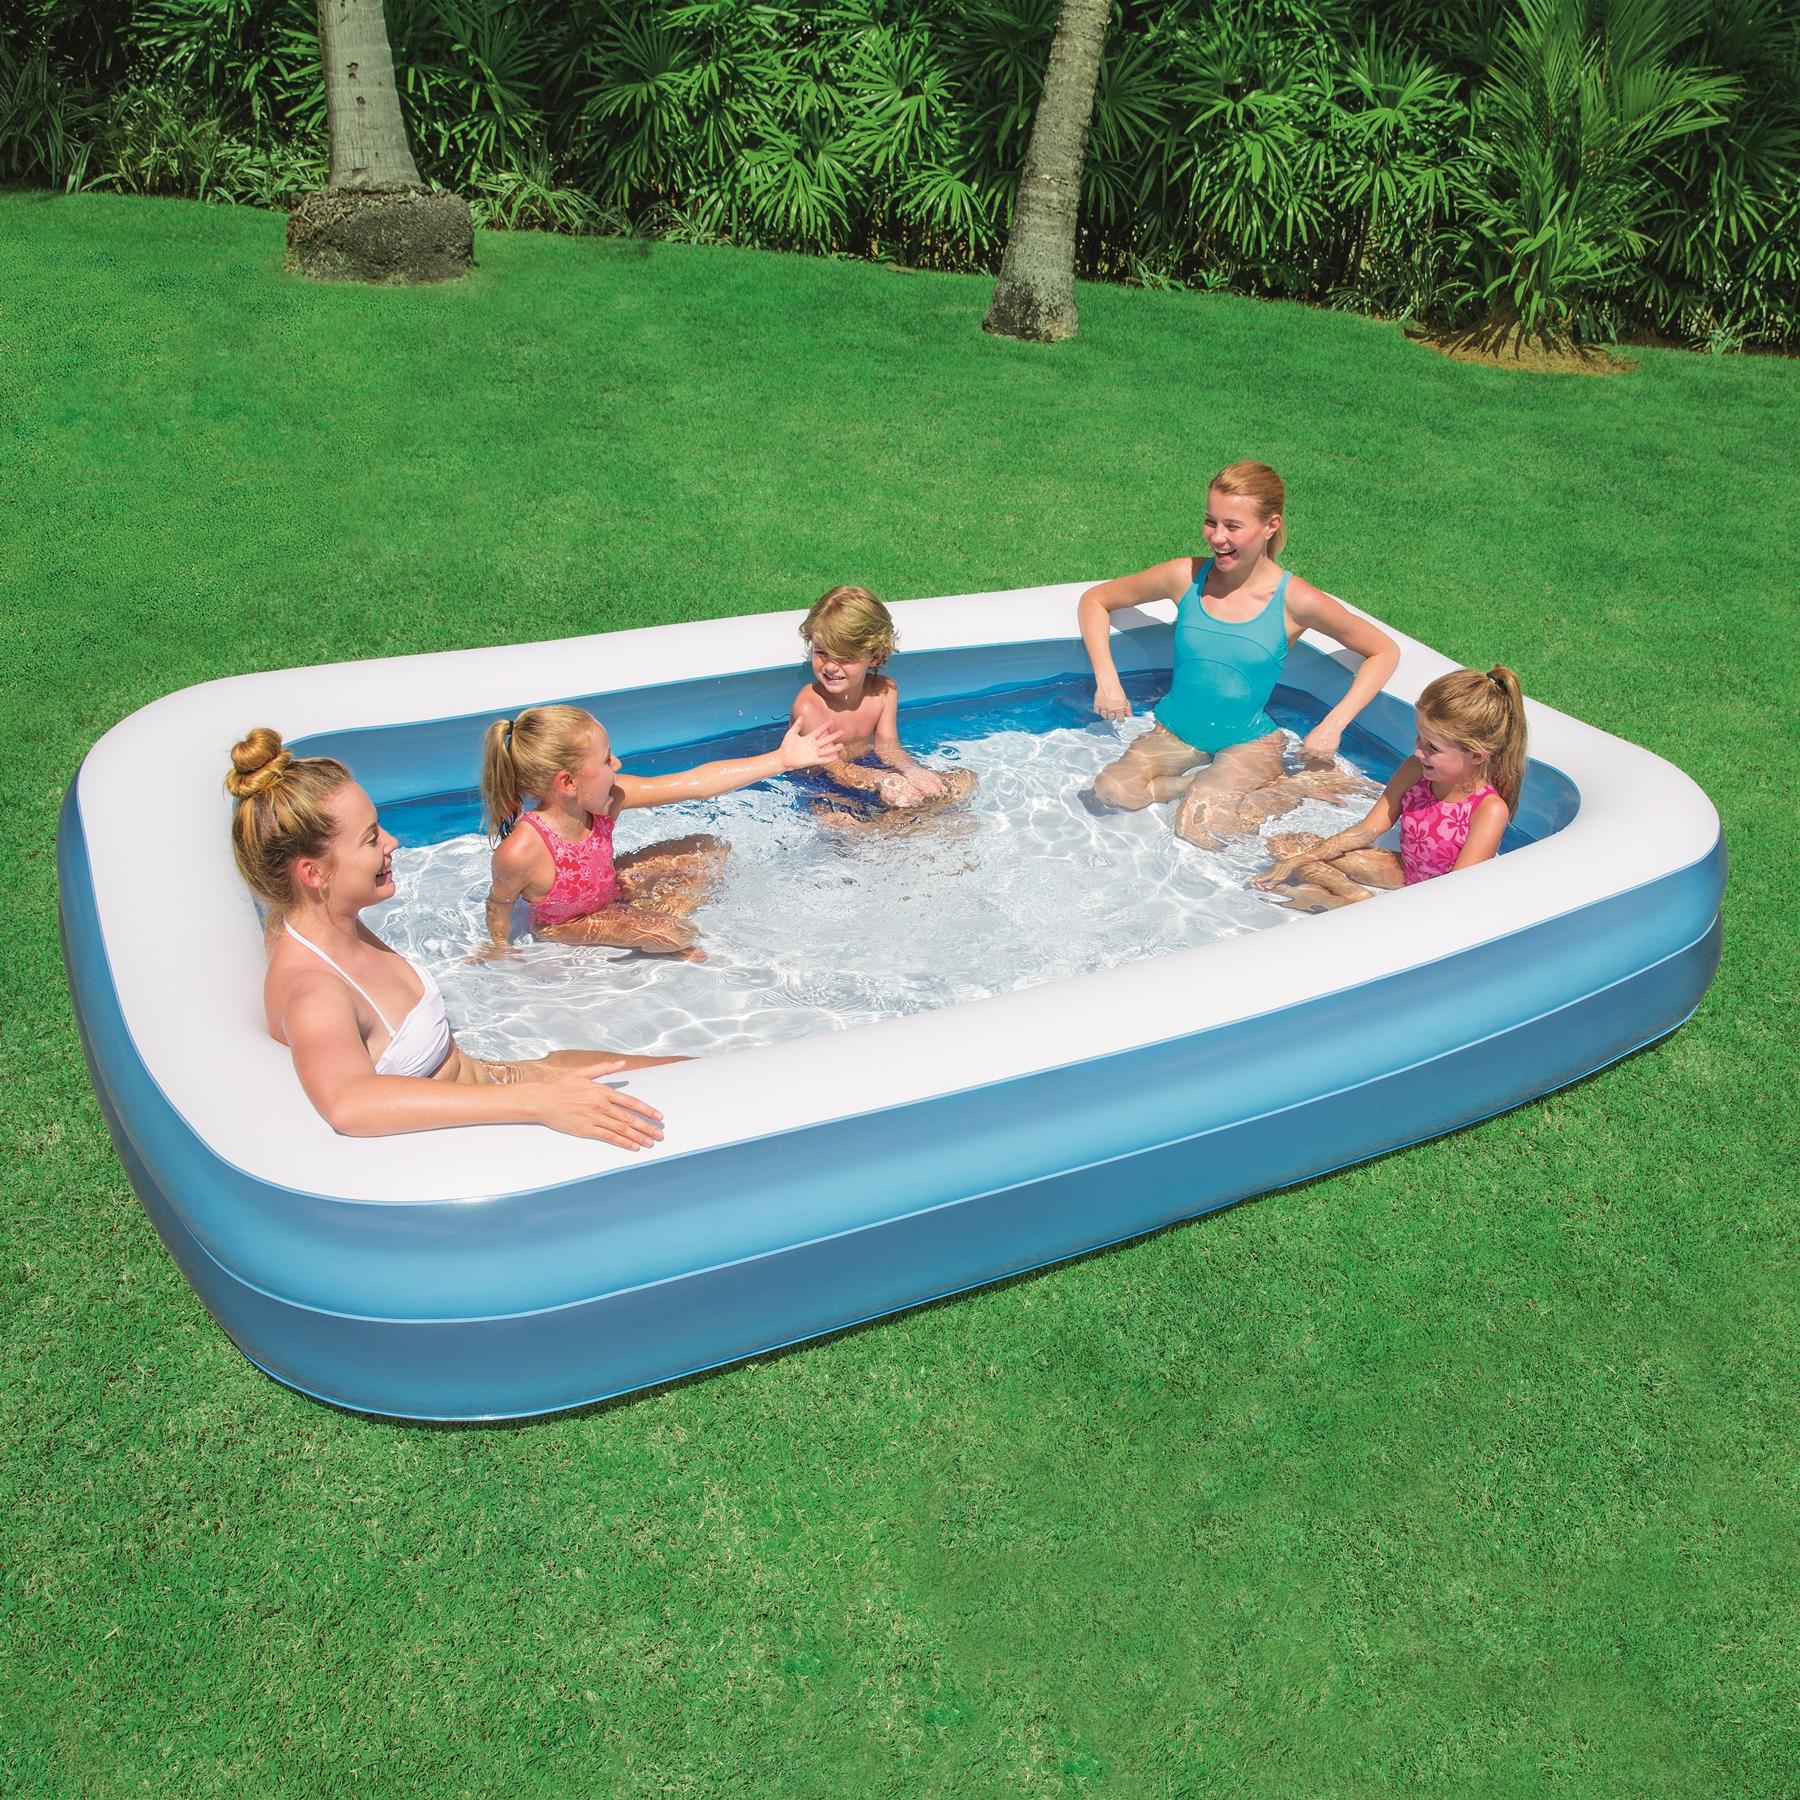 Piscina gonfiabile rettangolare bestway 54150 cm 305 x for Addobbi piscina